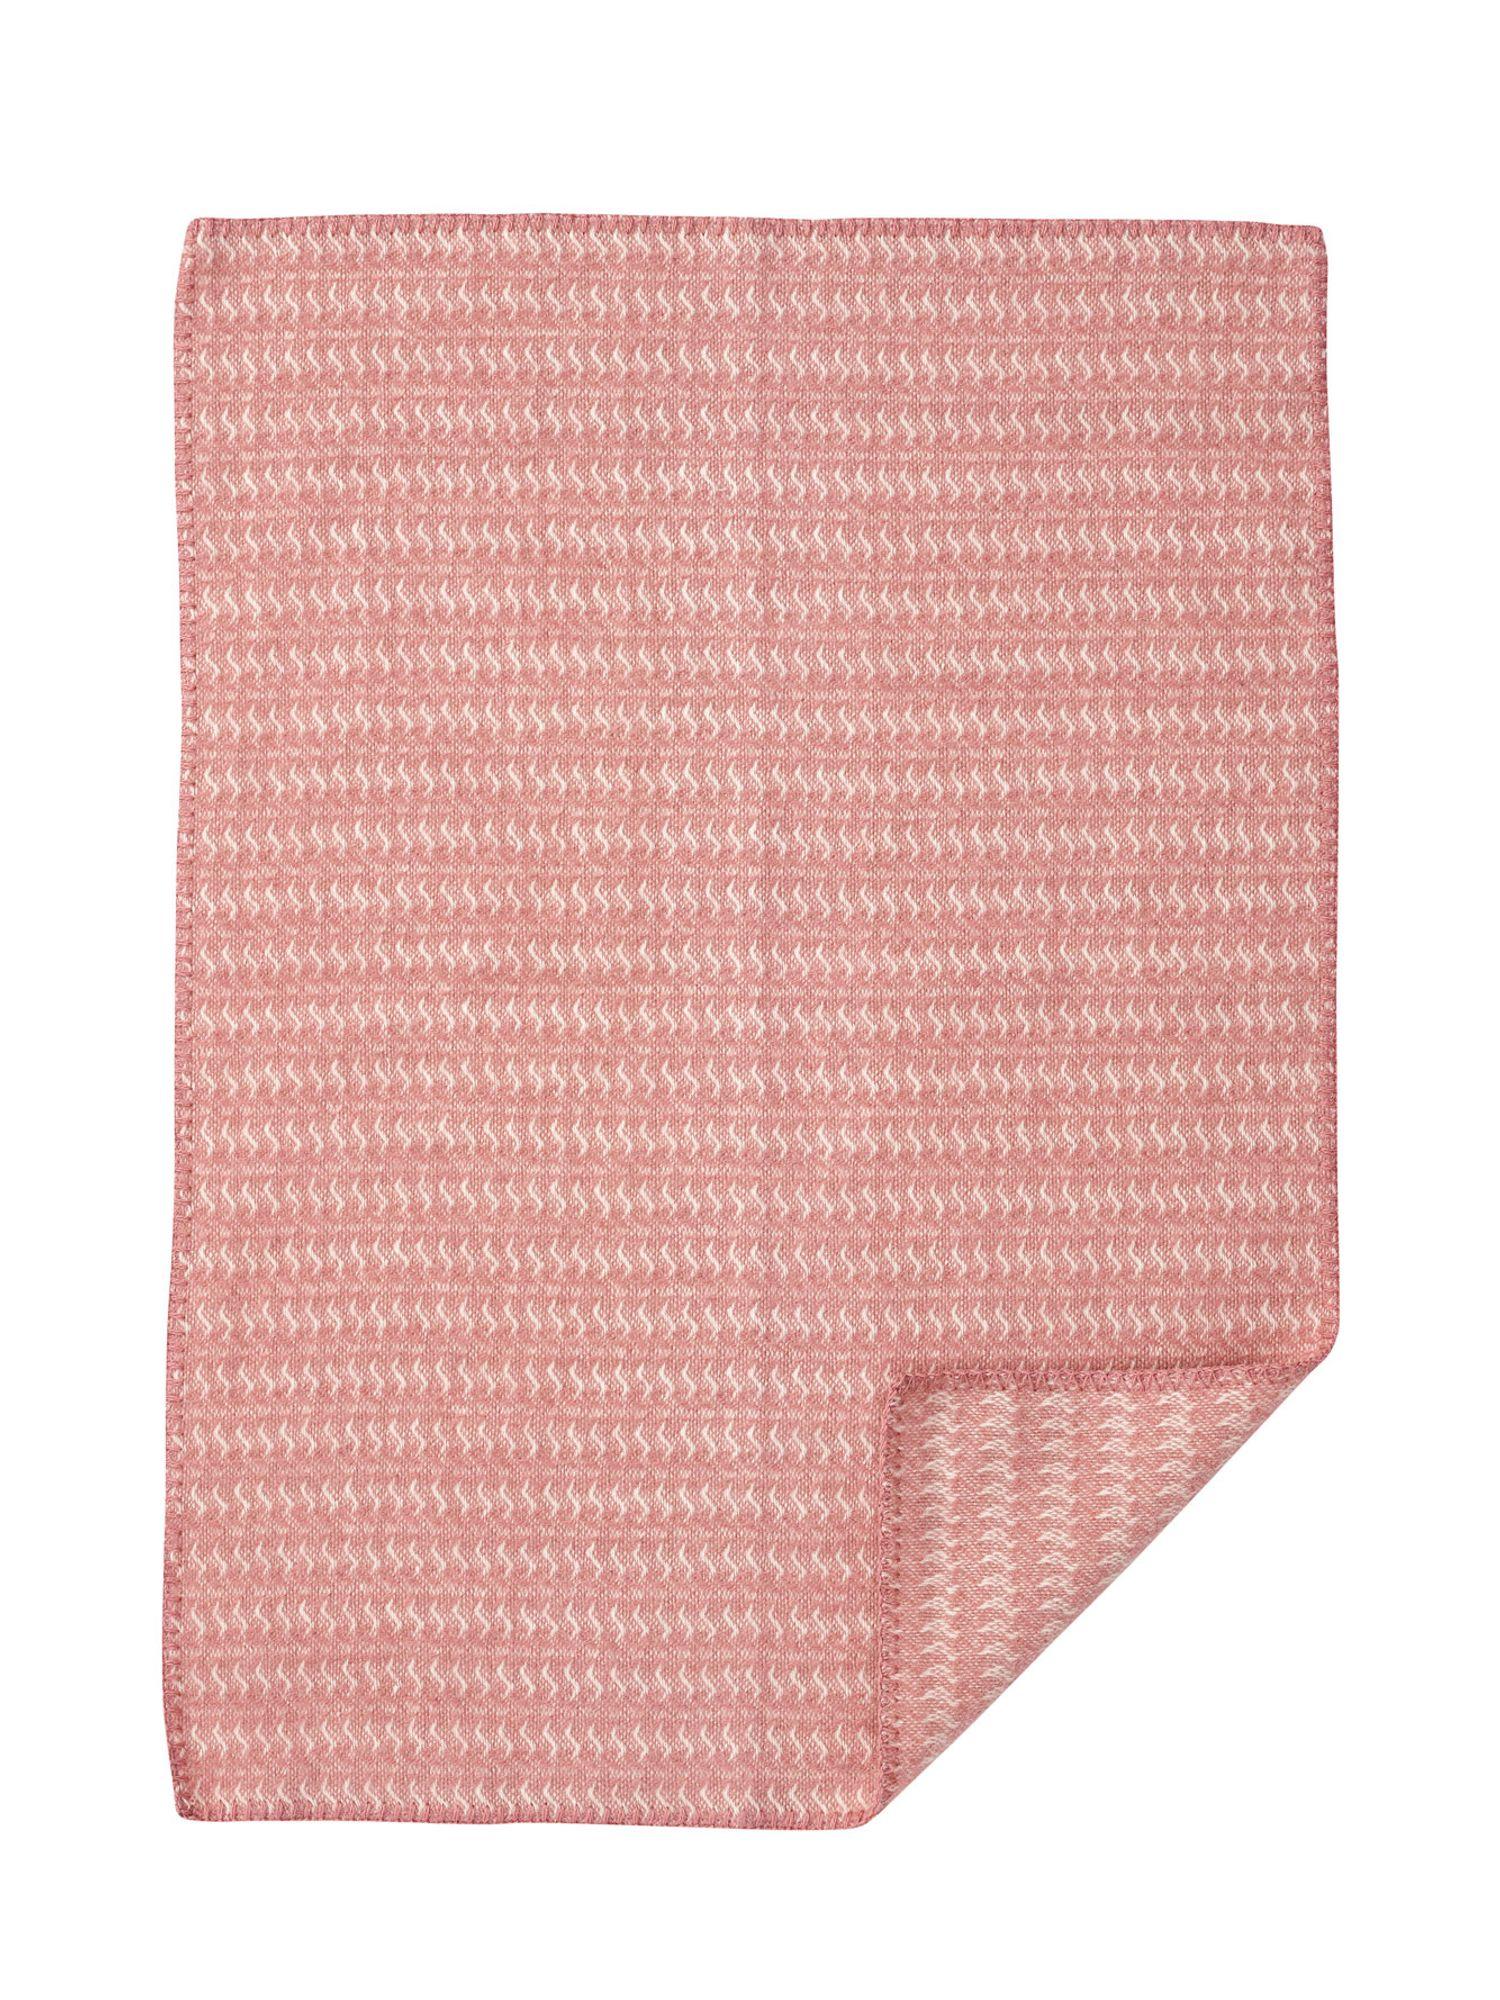 Pink wool baby blanket